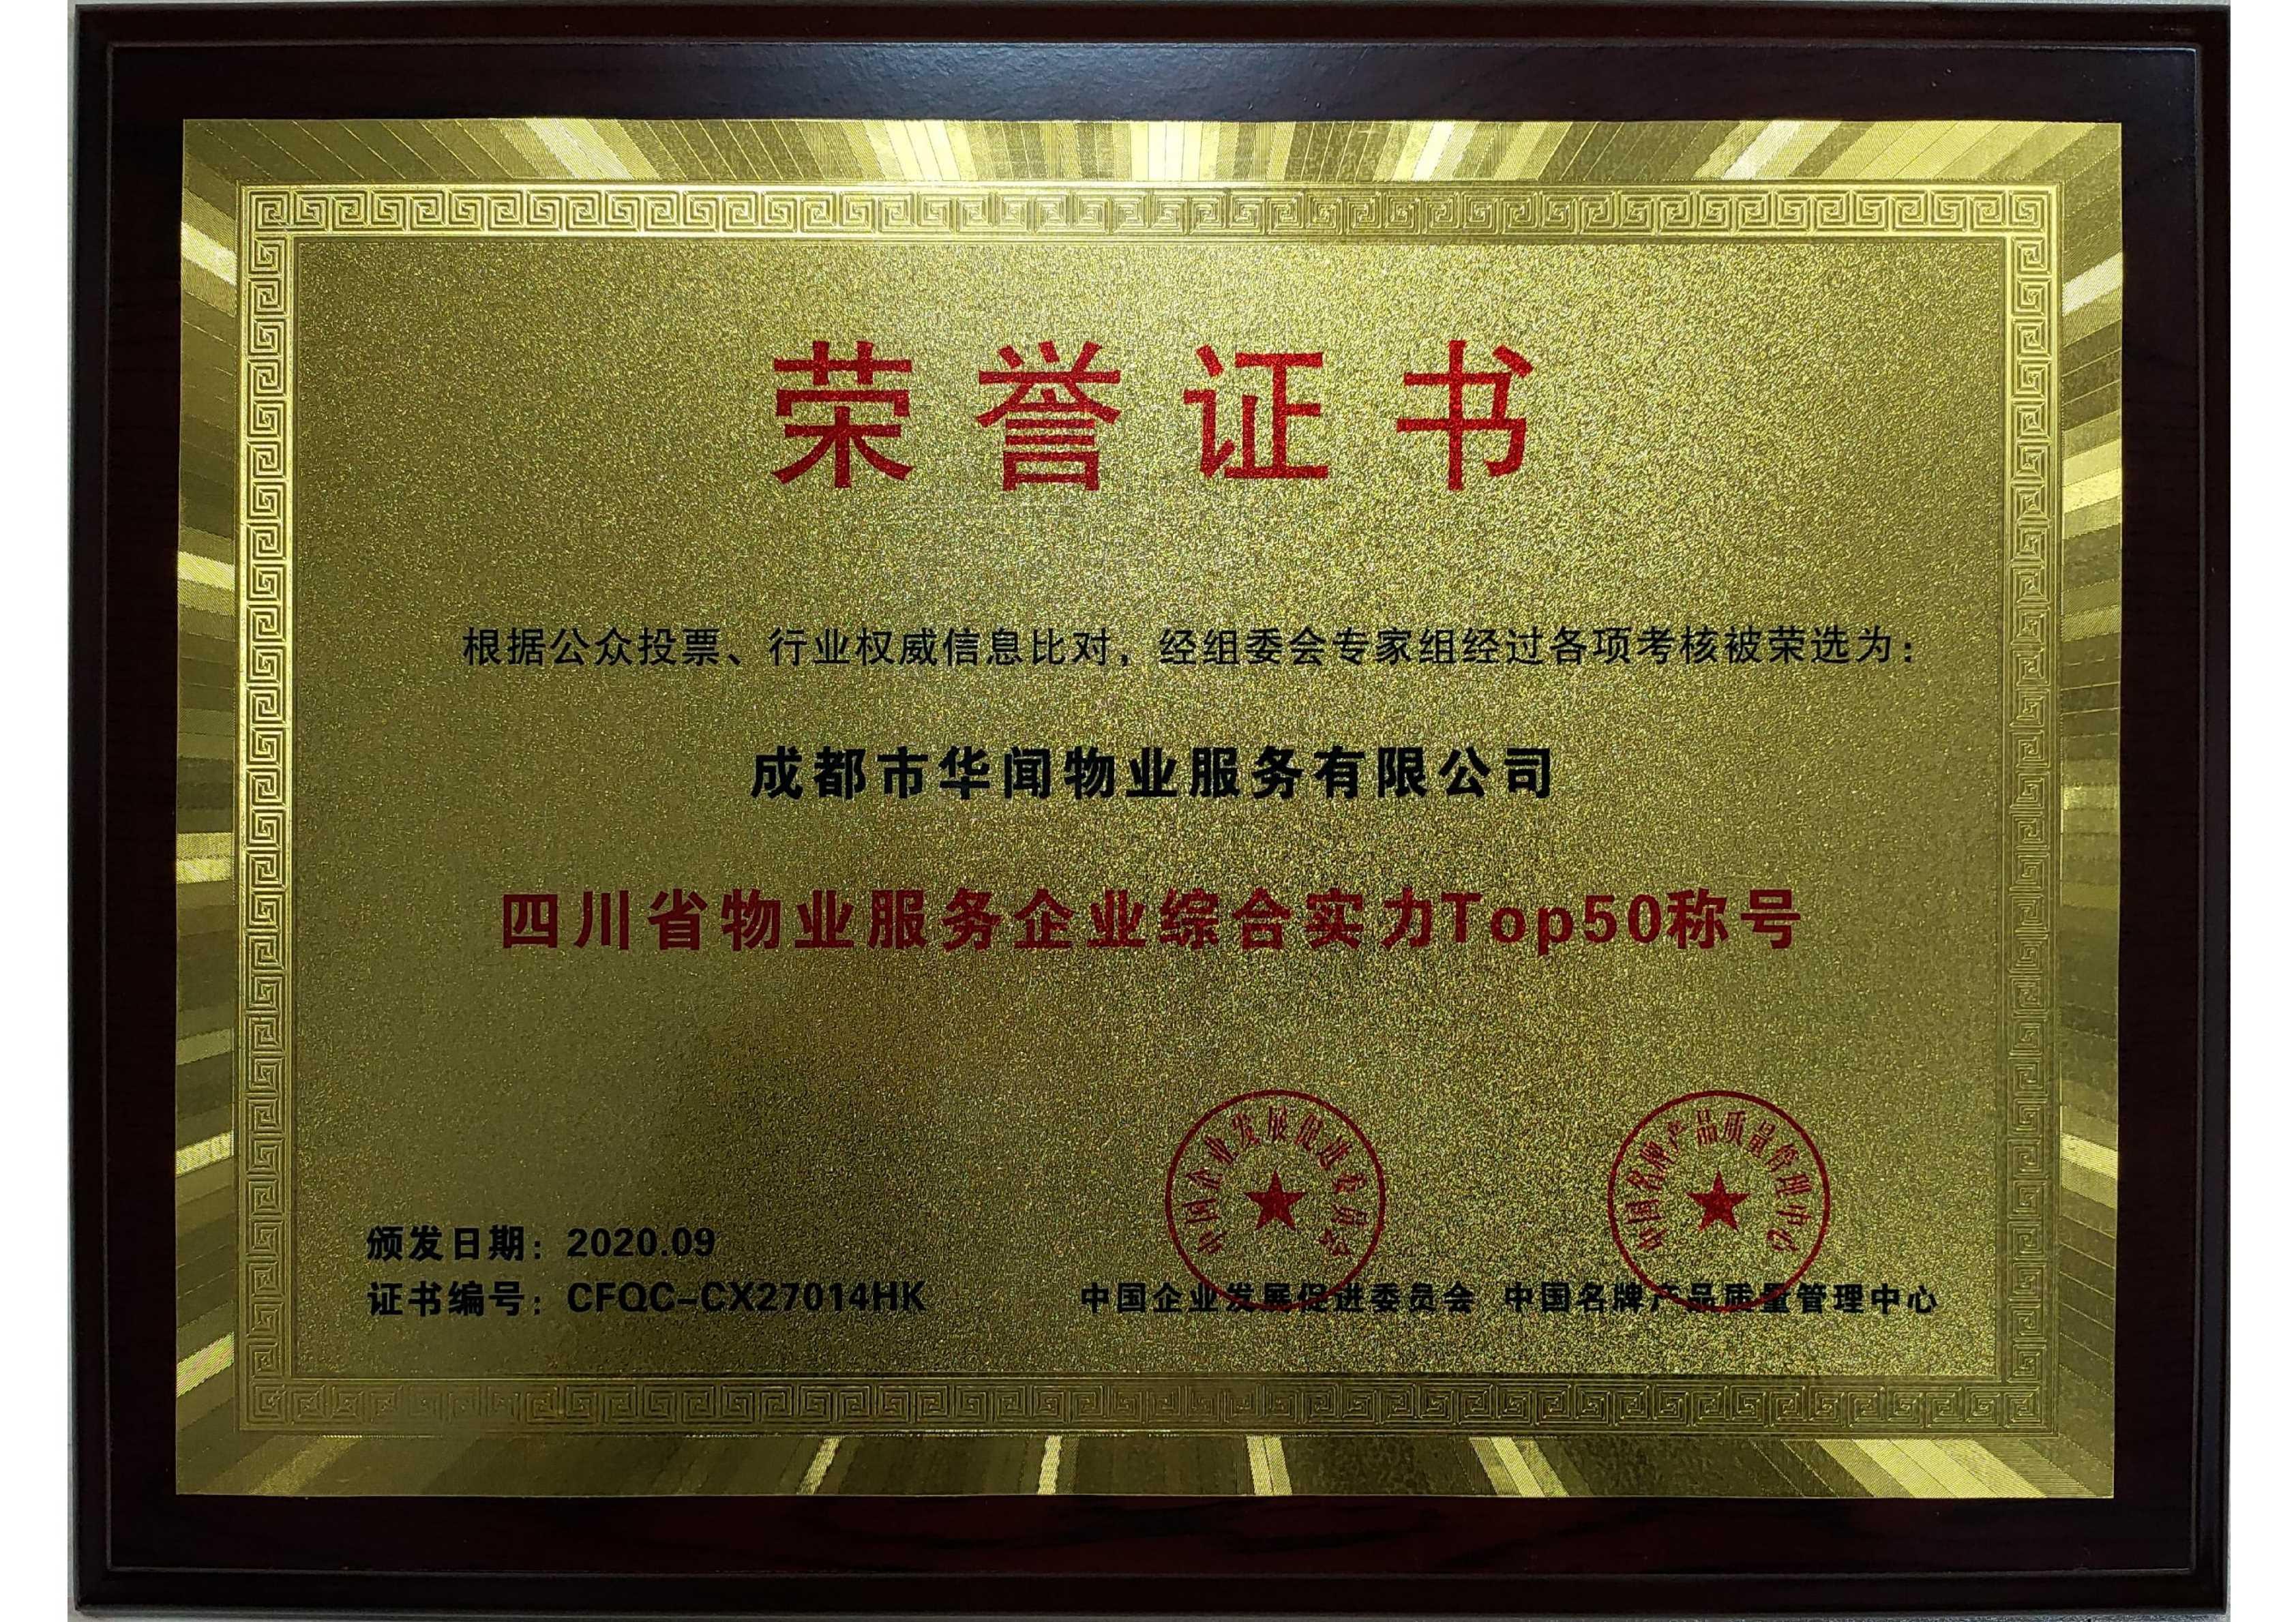 四川省物業服務企業綜合實力Top50稱號